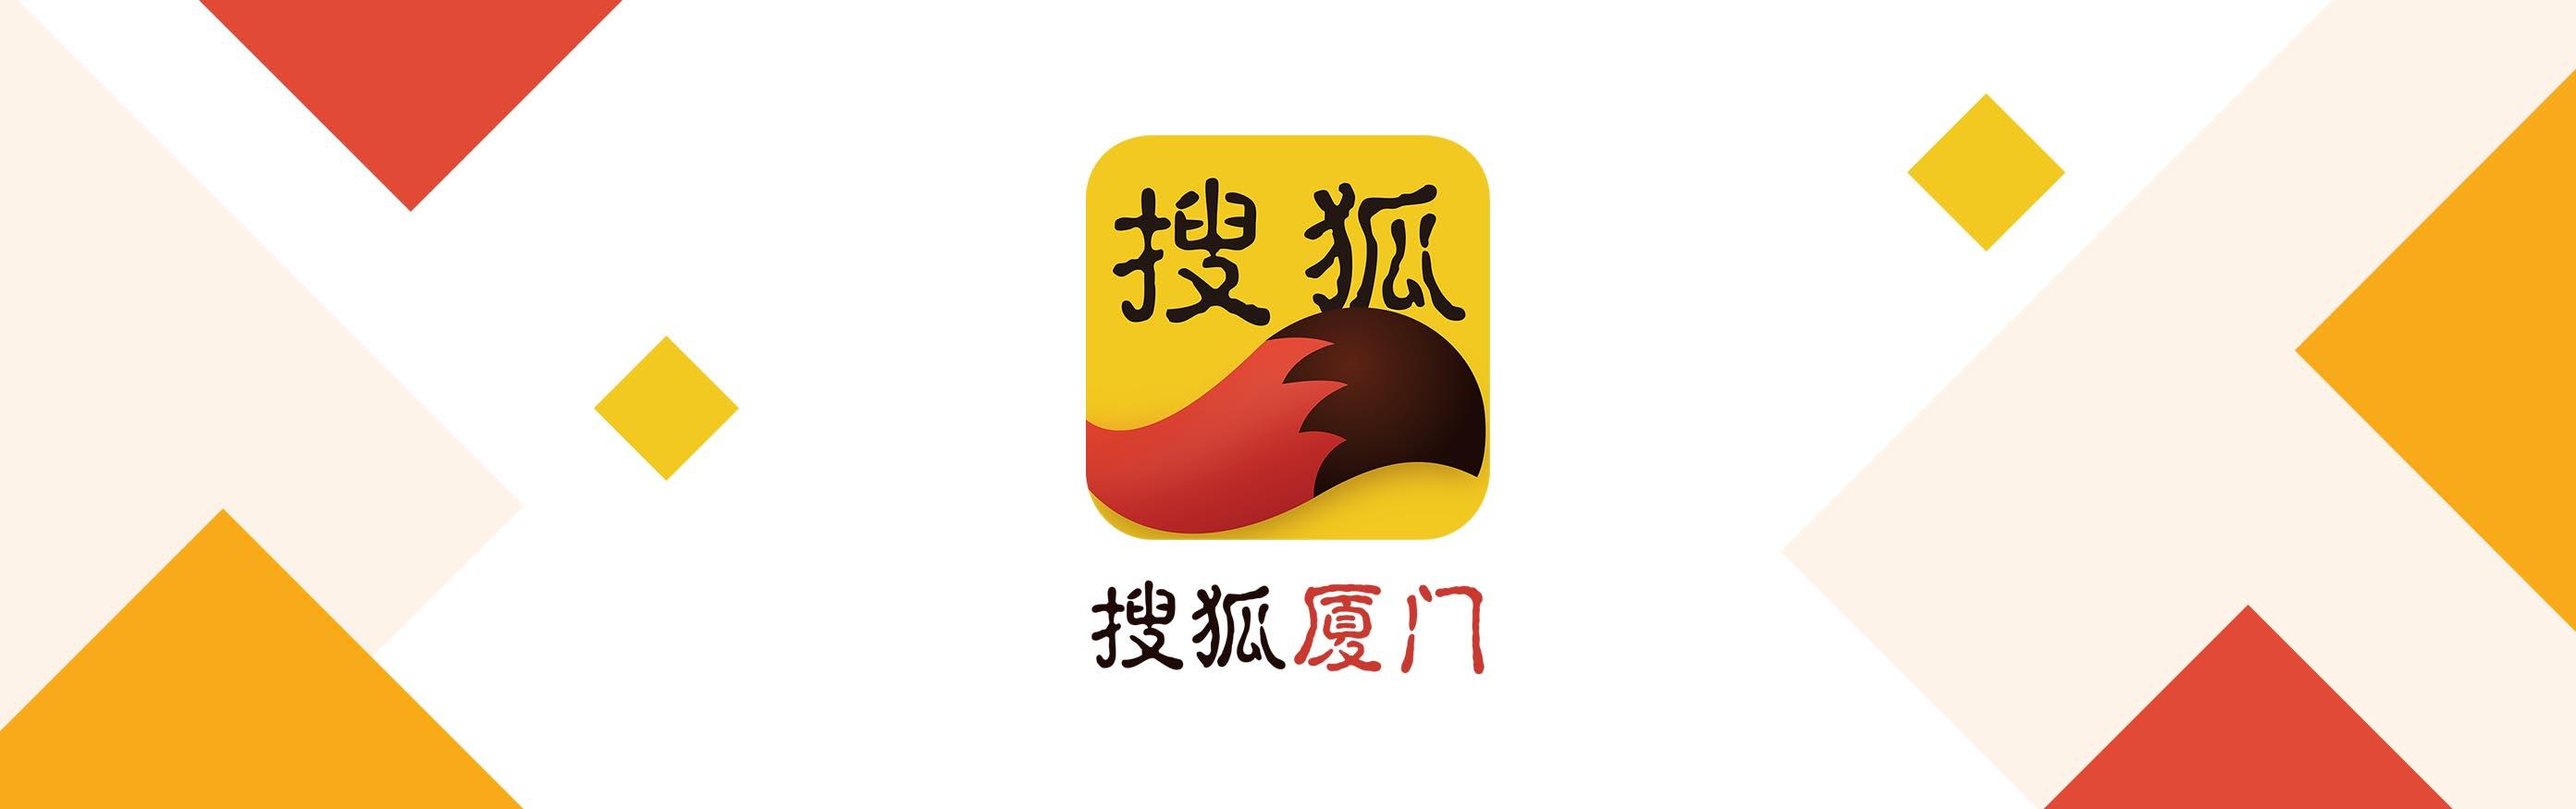 廈門翔安區中小學幼兒園昨舉行開學防控新冠疫情應急演練